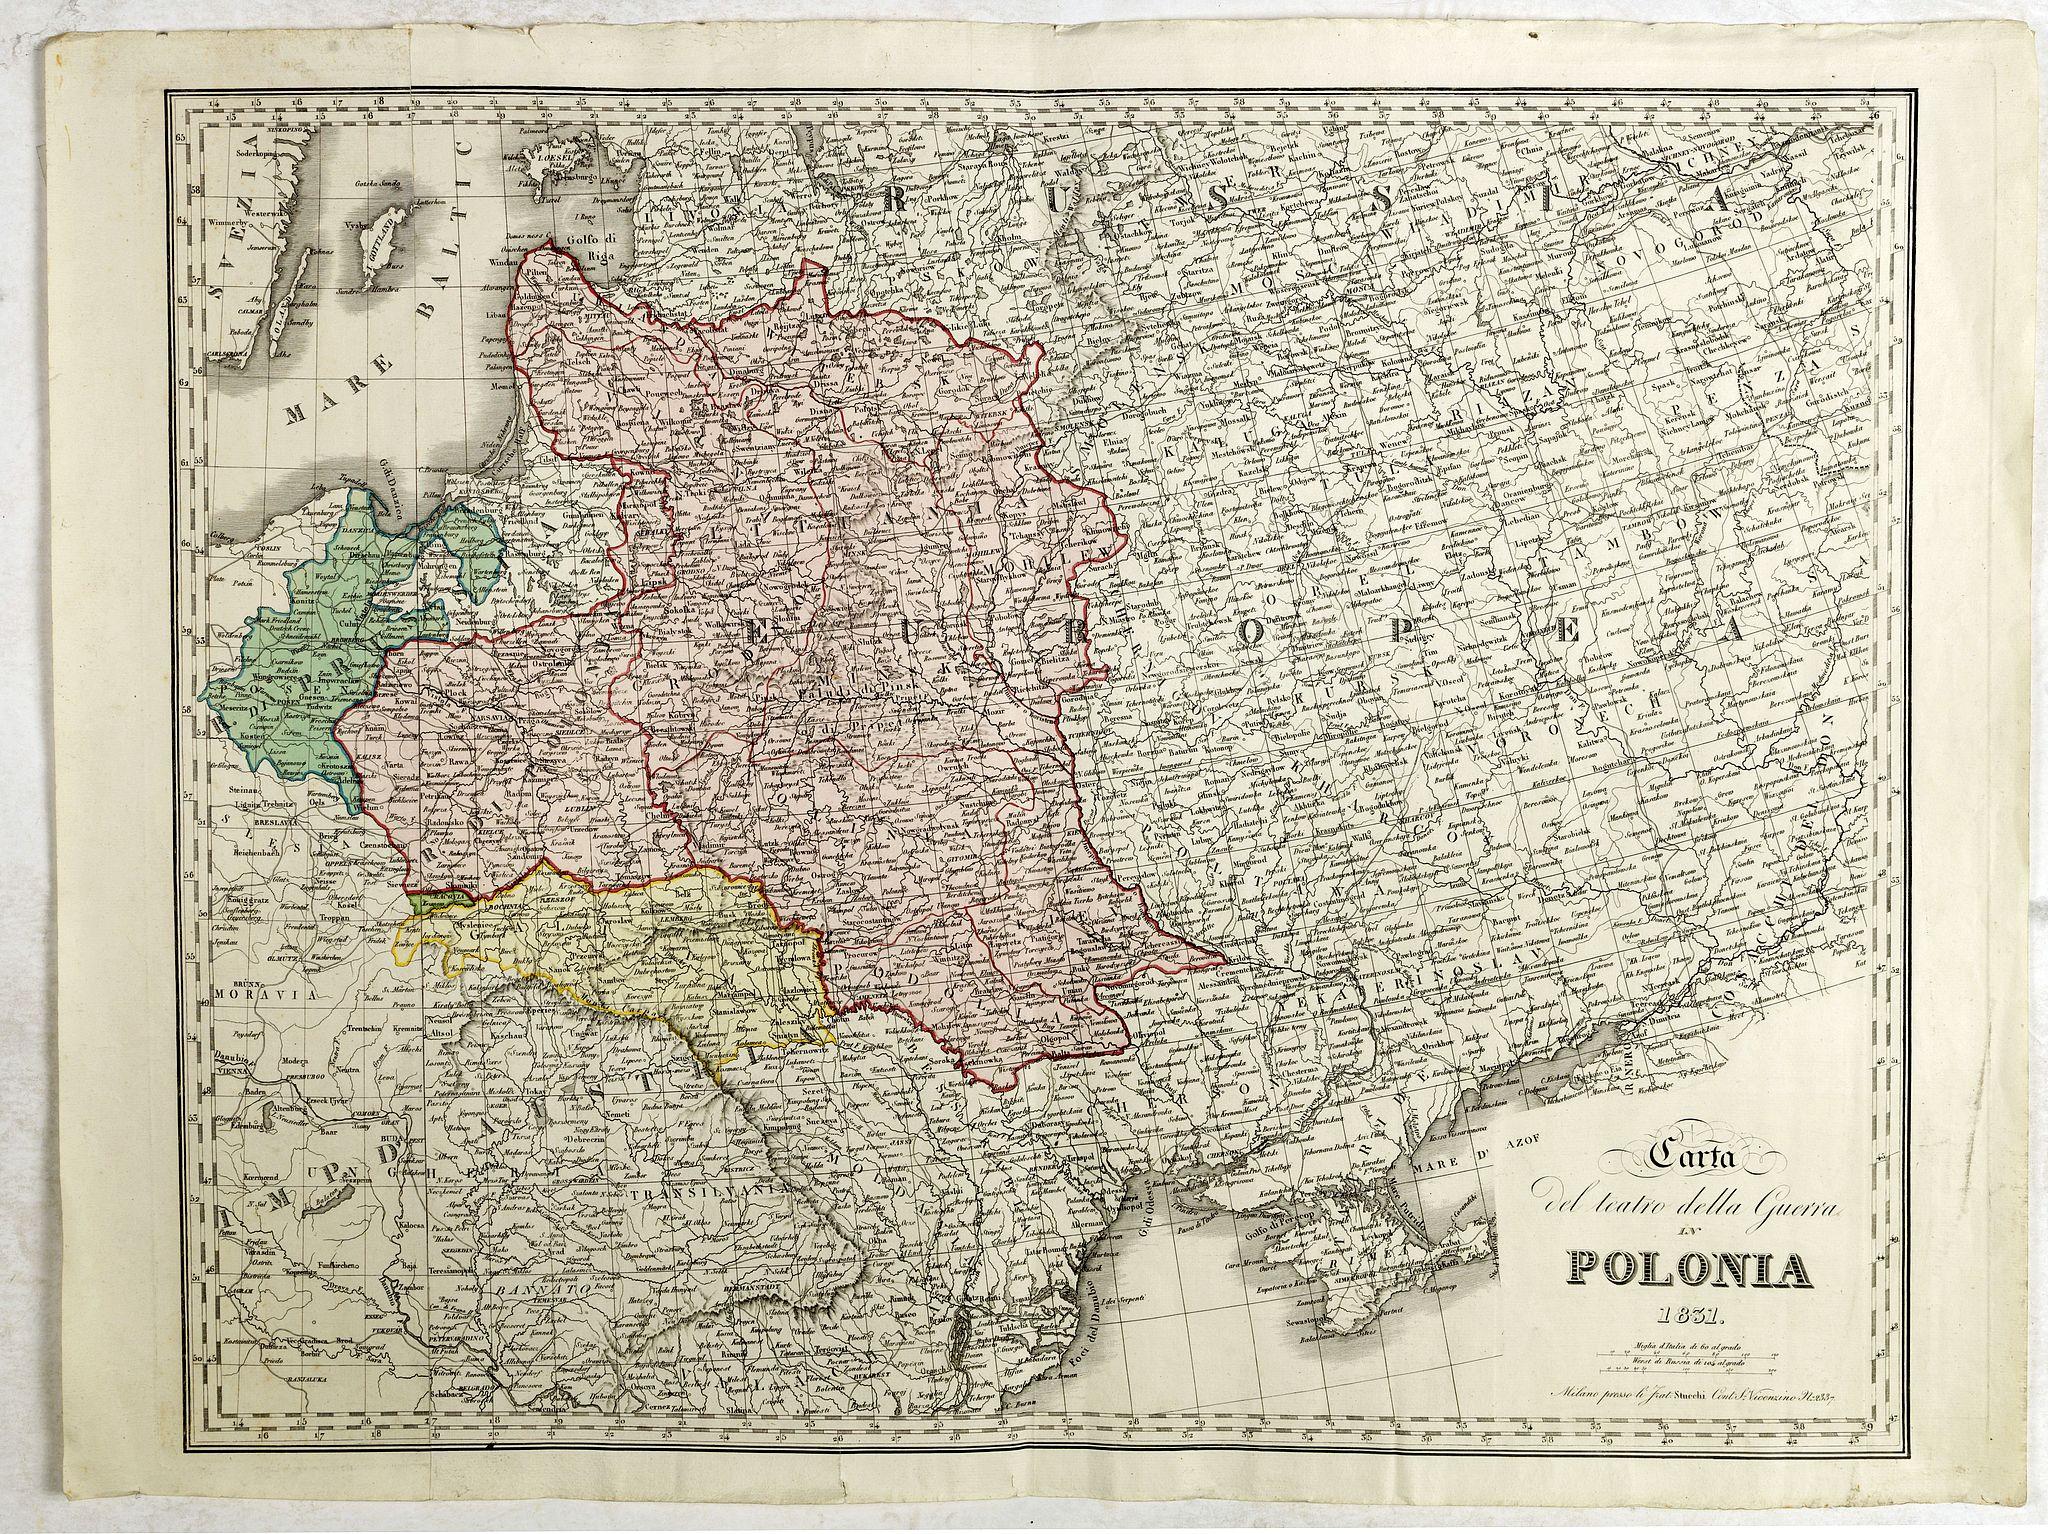 STUCCHI, S. -  Carta del Teatro della Guerra in Polonia - 1831.